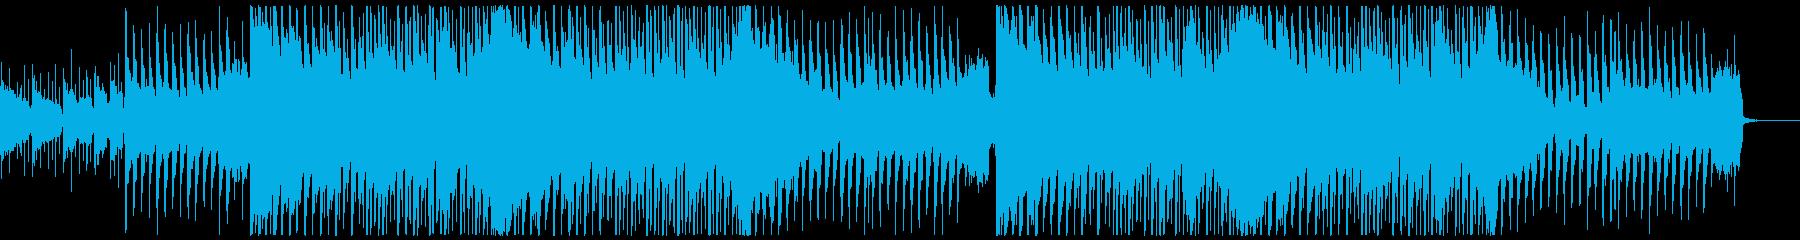 爽やかな4つ打ちポップ・ロックの再生済みの波形